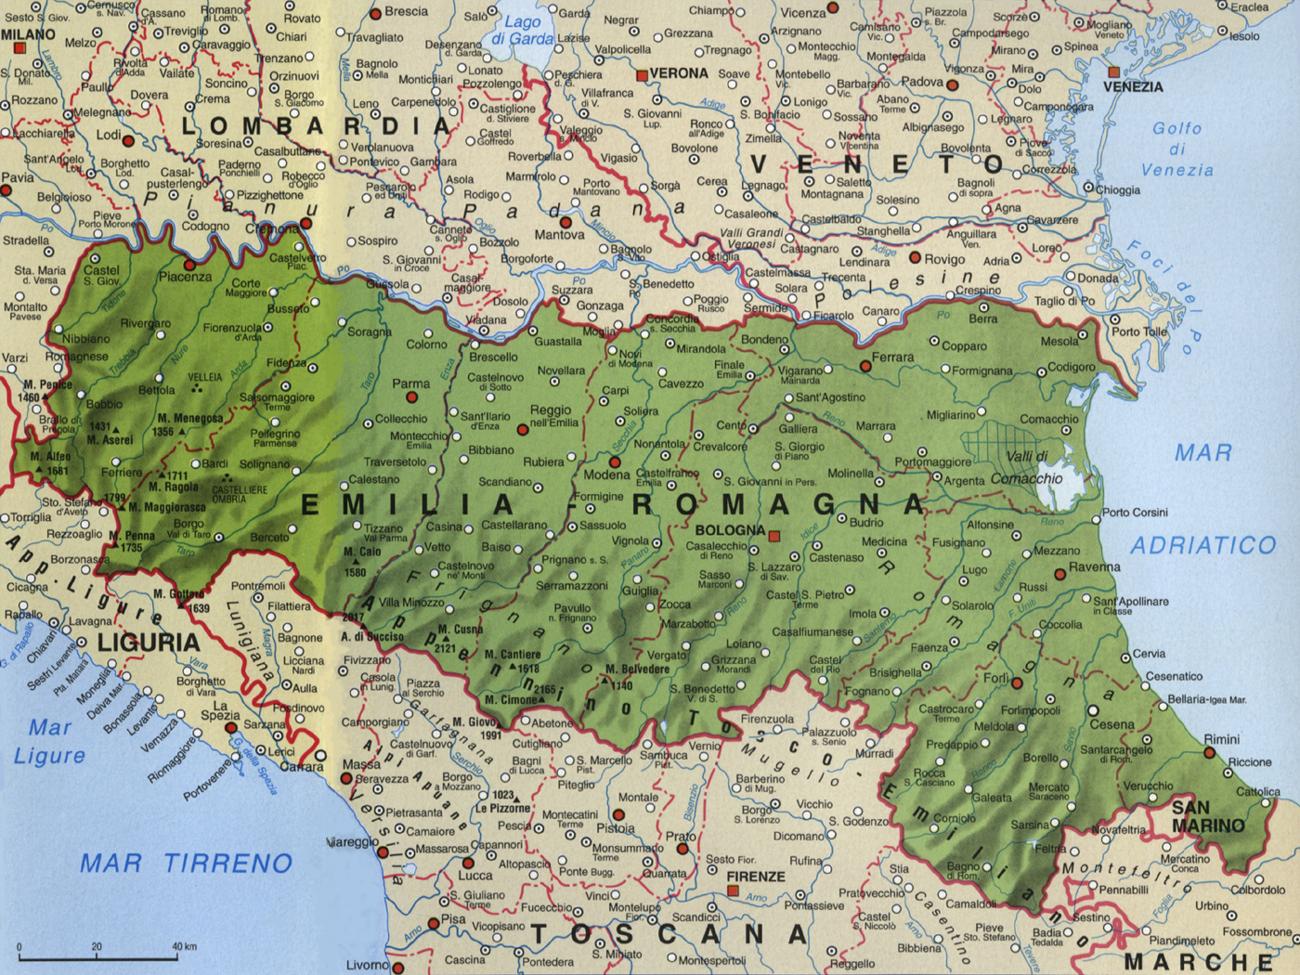 Cartina Della Emilia Romagna.Fia Italia Territorio Storia Economia Dell Emilia Romagna